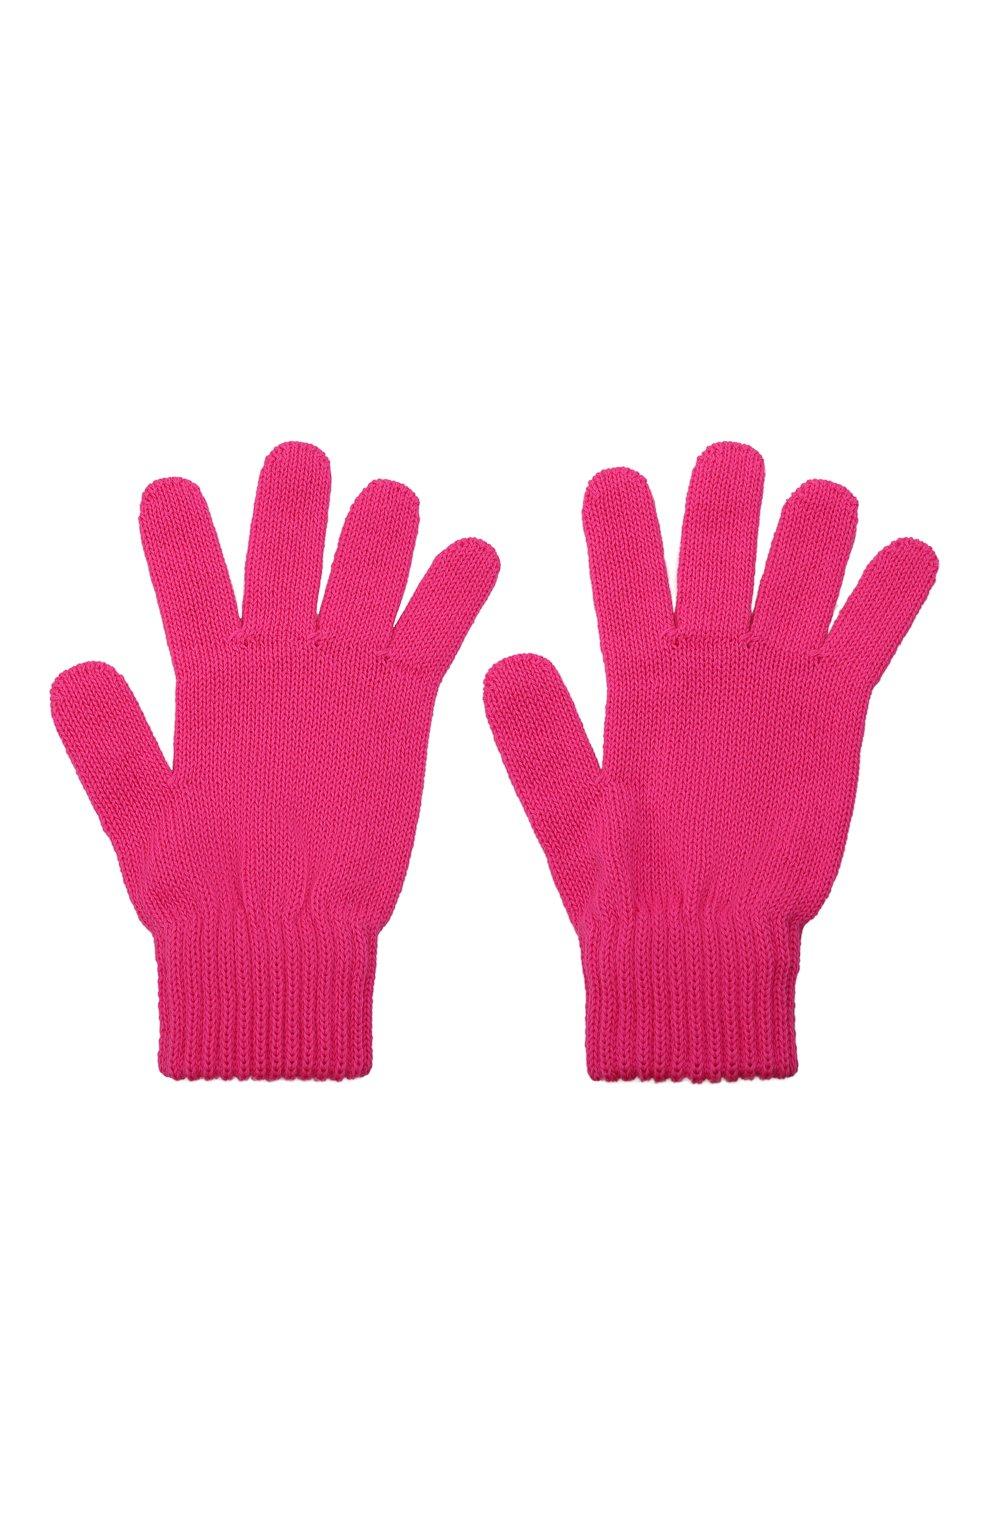 Детские шерстяные перчатки CATYA фуксия цвета, арт. 125545   Фото 2 (Материал: Шерсть)